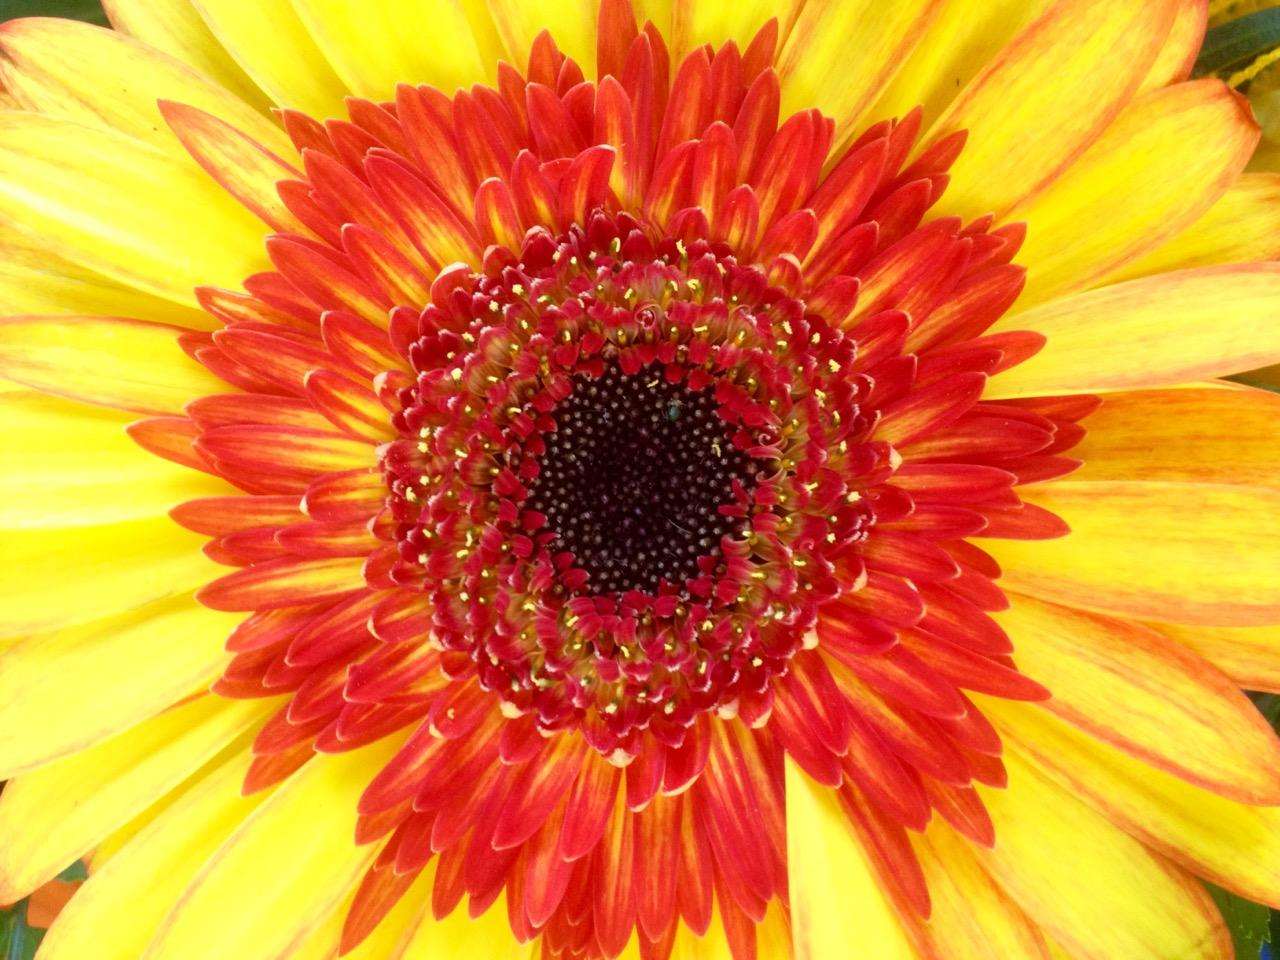 Blumenblüte aus gelben und orange-roten Blättern.